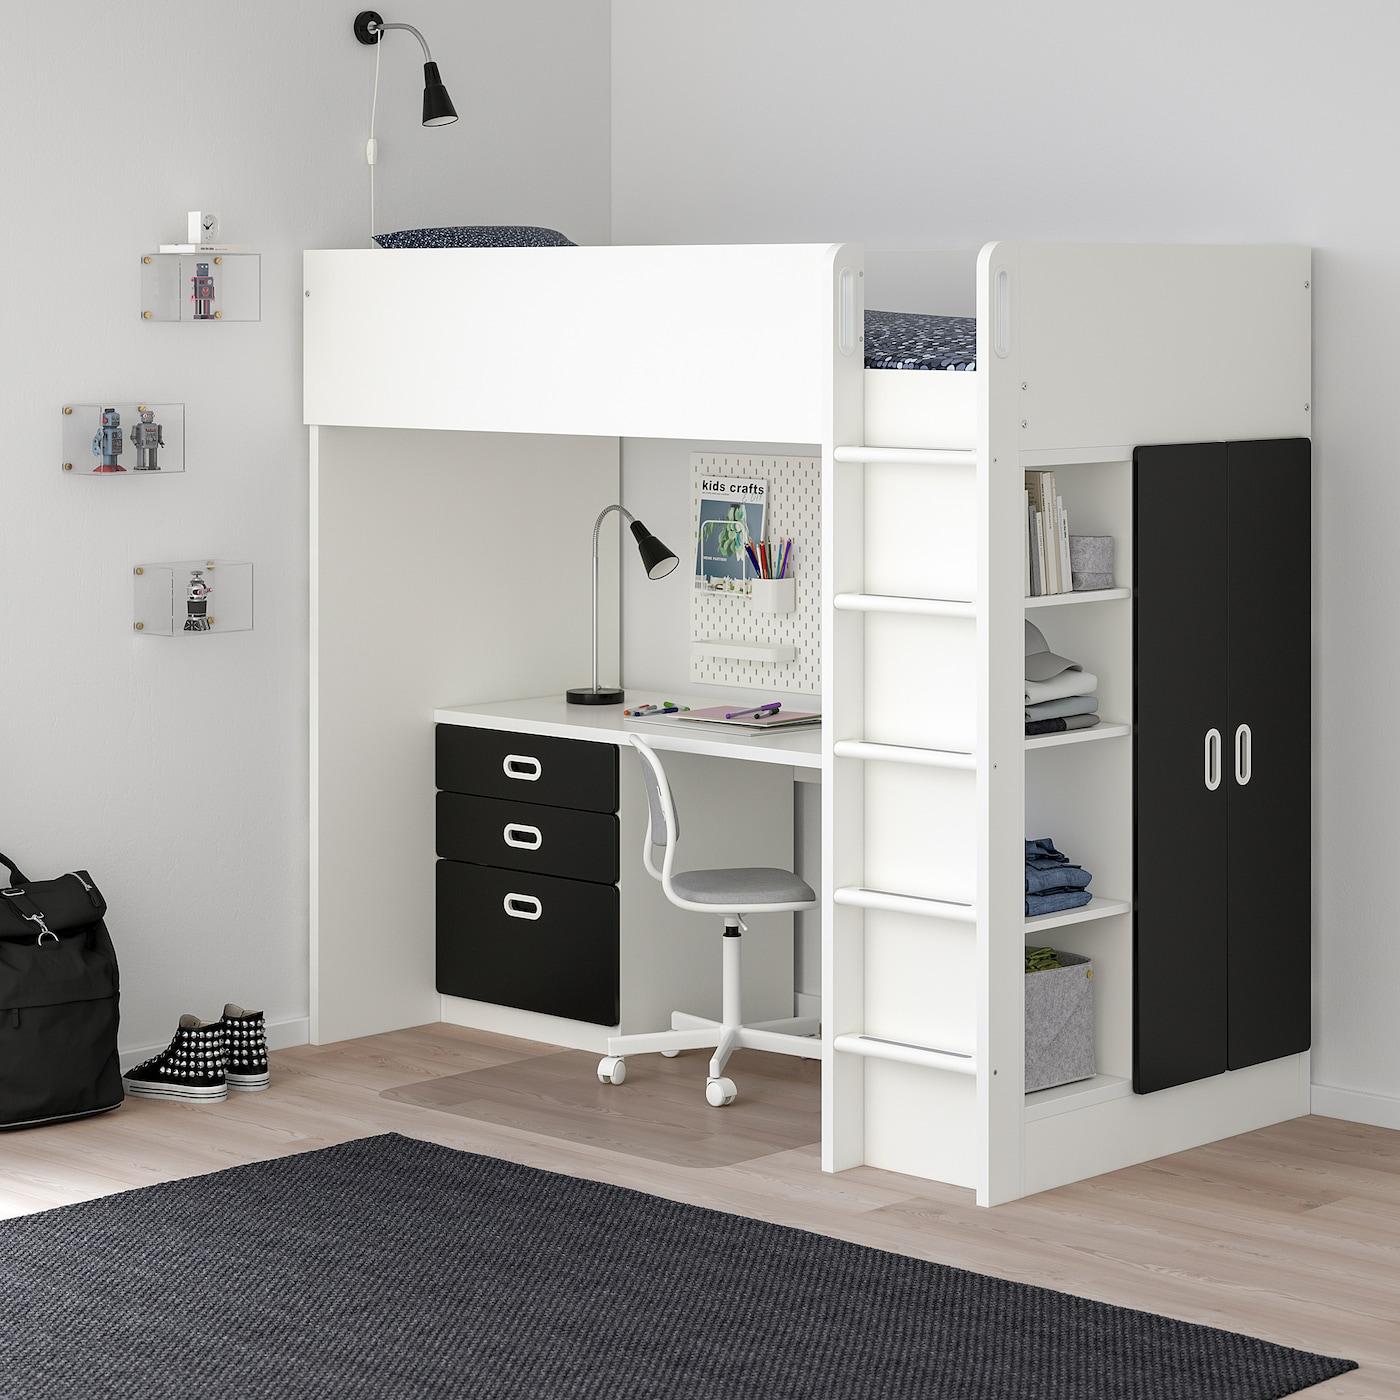 STUVA / FRITIDS loft bed combo w 3 drawers/2 doors white/blackboard surface 155 cm 62 cm 74 cm 182 cm 142 cm 99 cm 207 cm 100 kg 200 cm 90 cm 20 cm